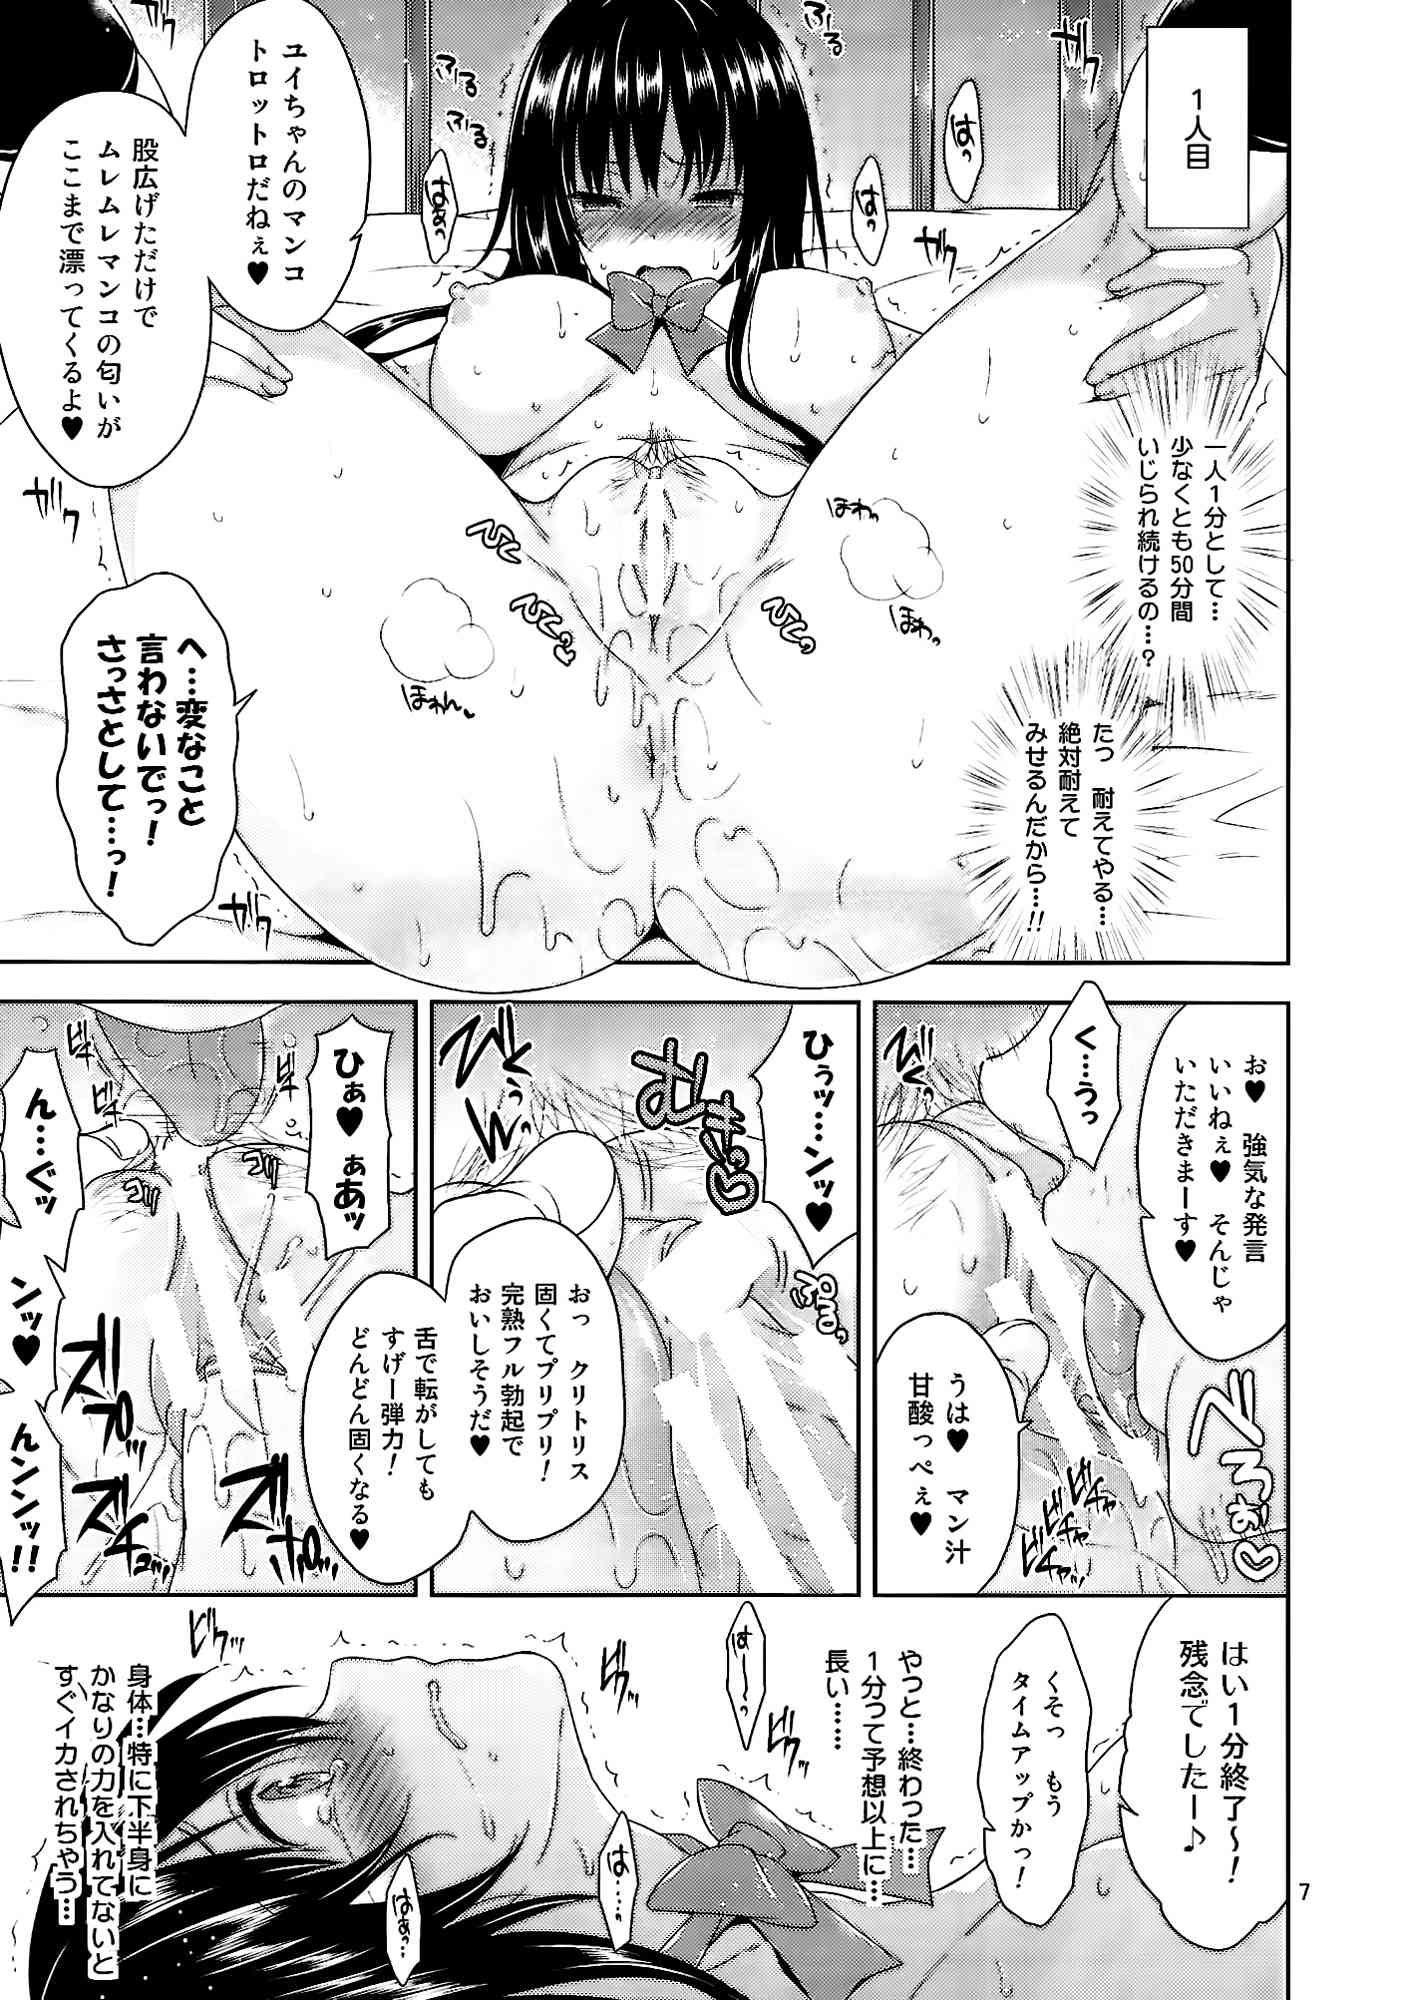 責め エロ 漫画 クリ